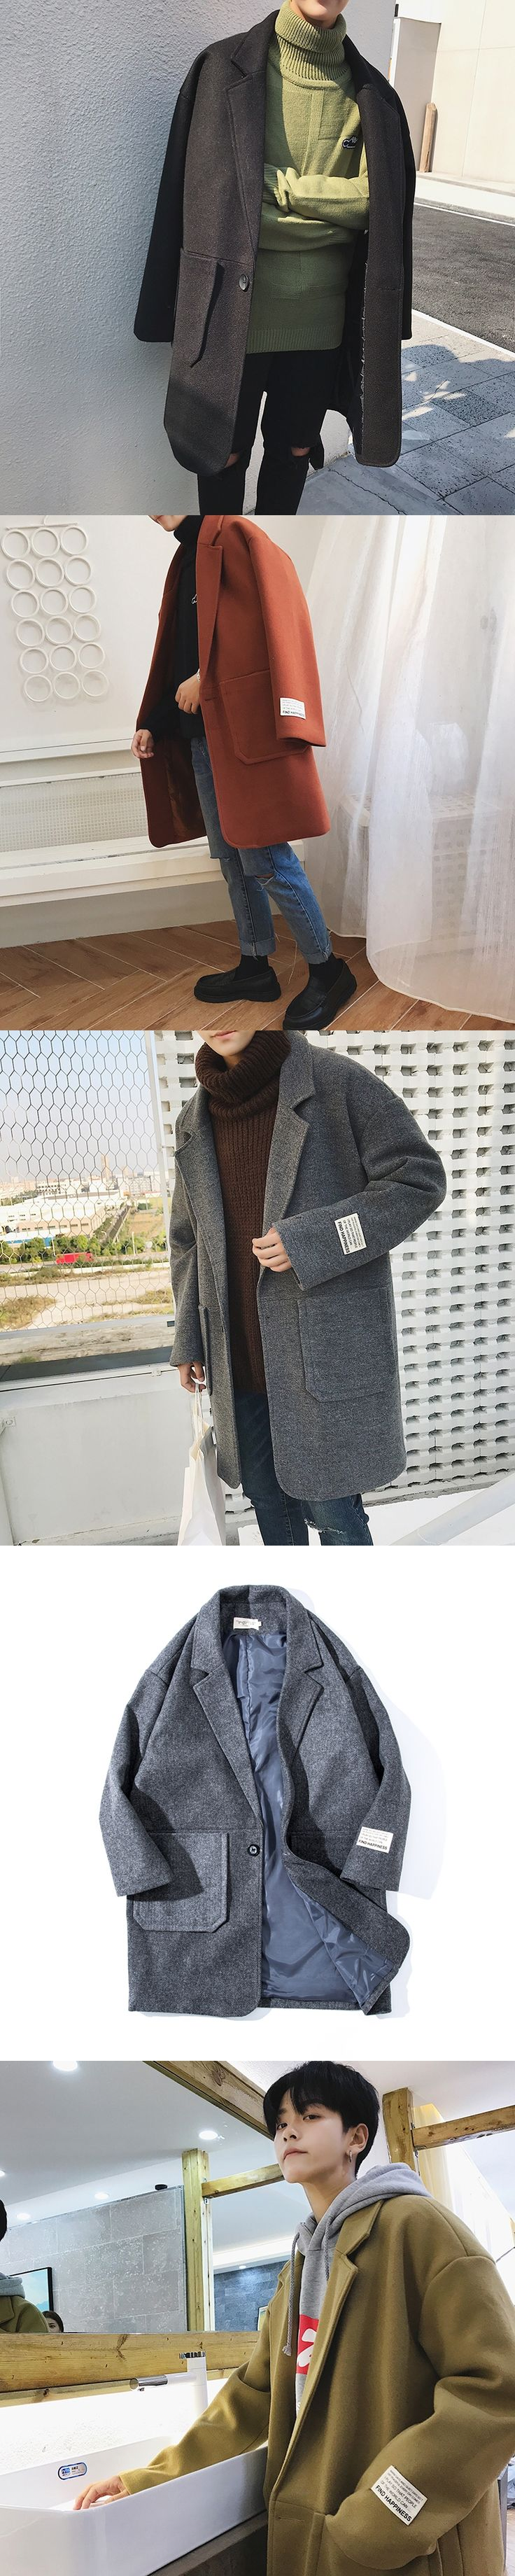 2017 Winter Korea Style Men's Long Outwear Woollen Blends High-Grade Fabric Snow Jackets Casual Outcoat in Warm Windbreaker S-XL